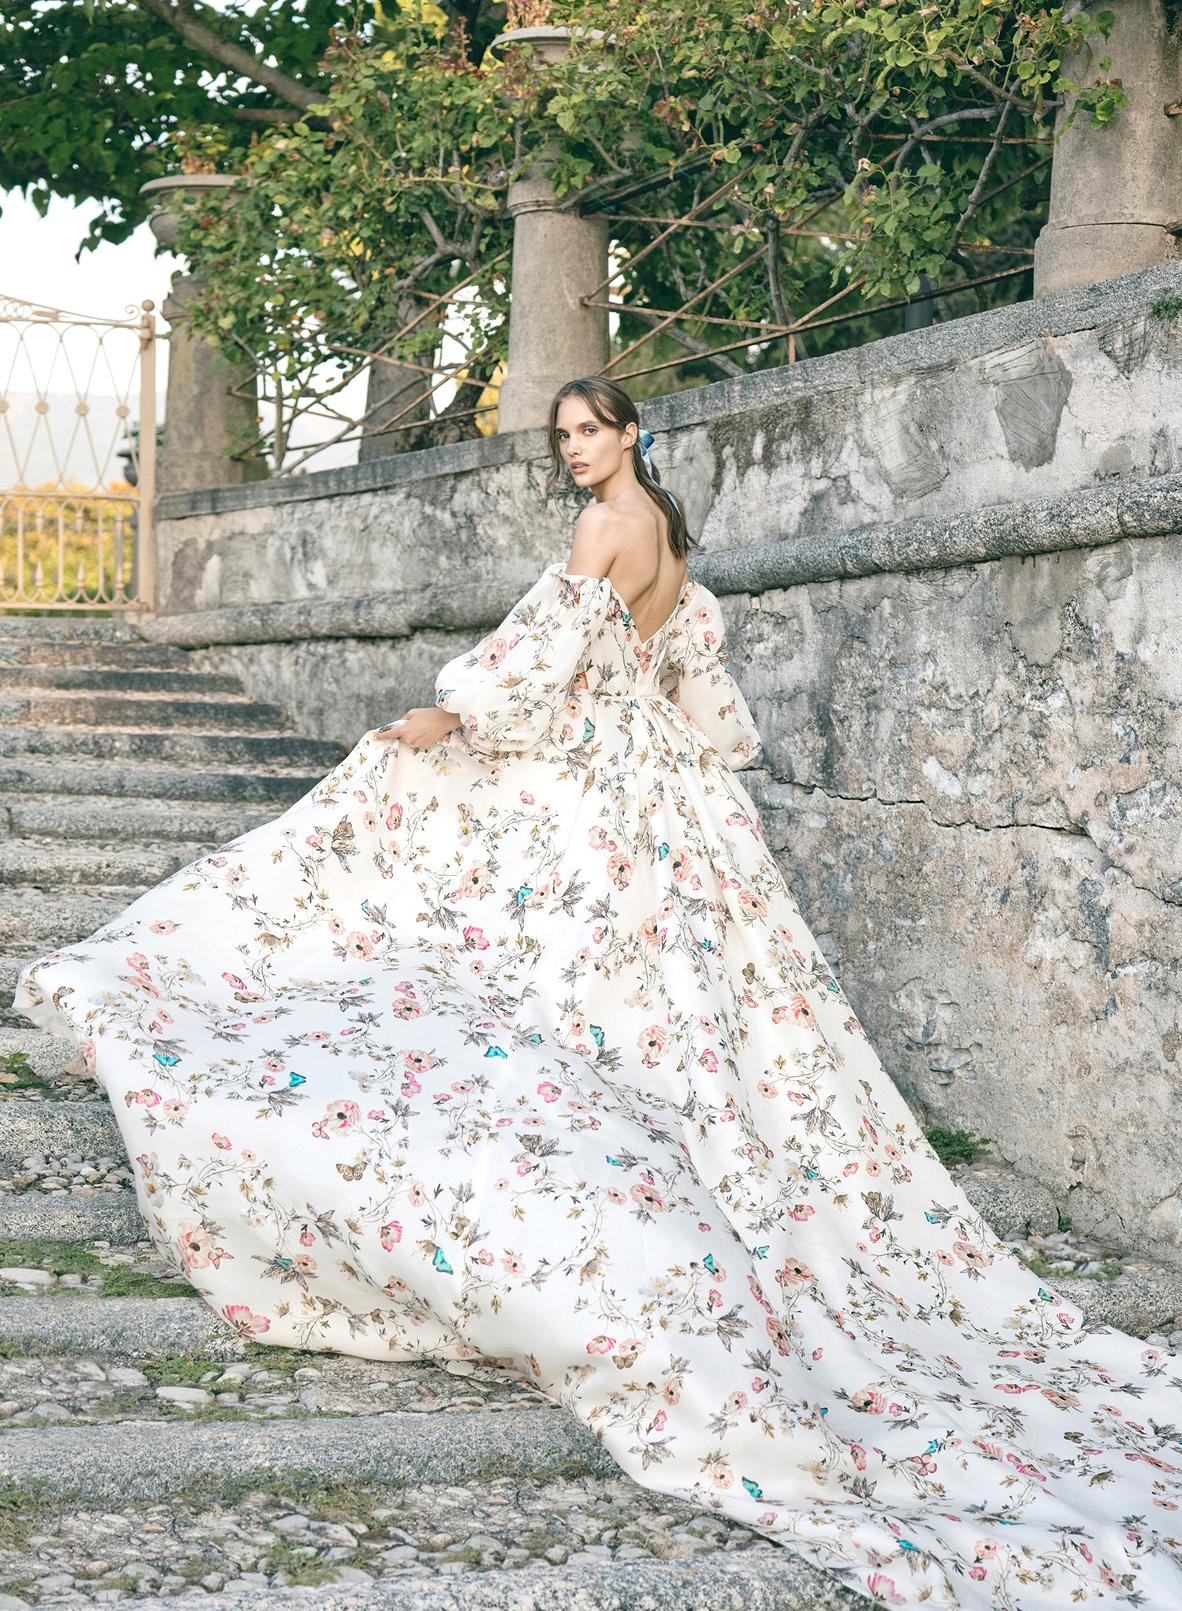 Monique Lhuillier Floral Wedding Dress